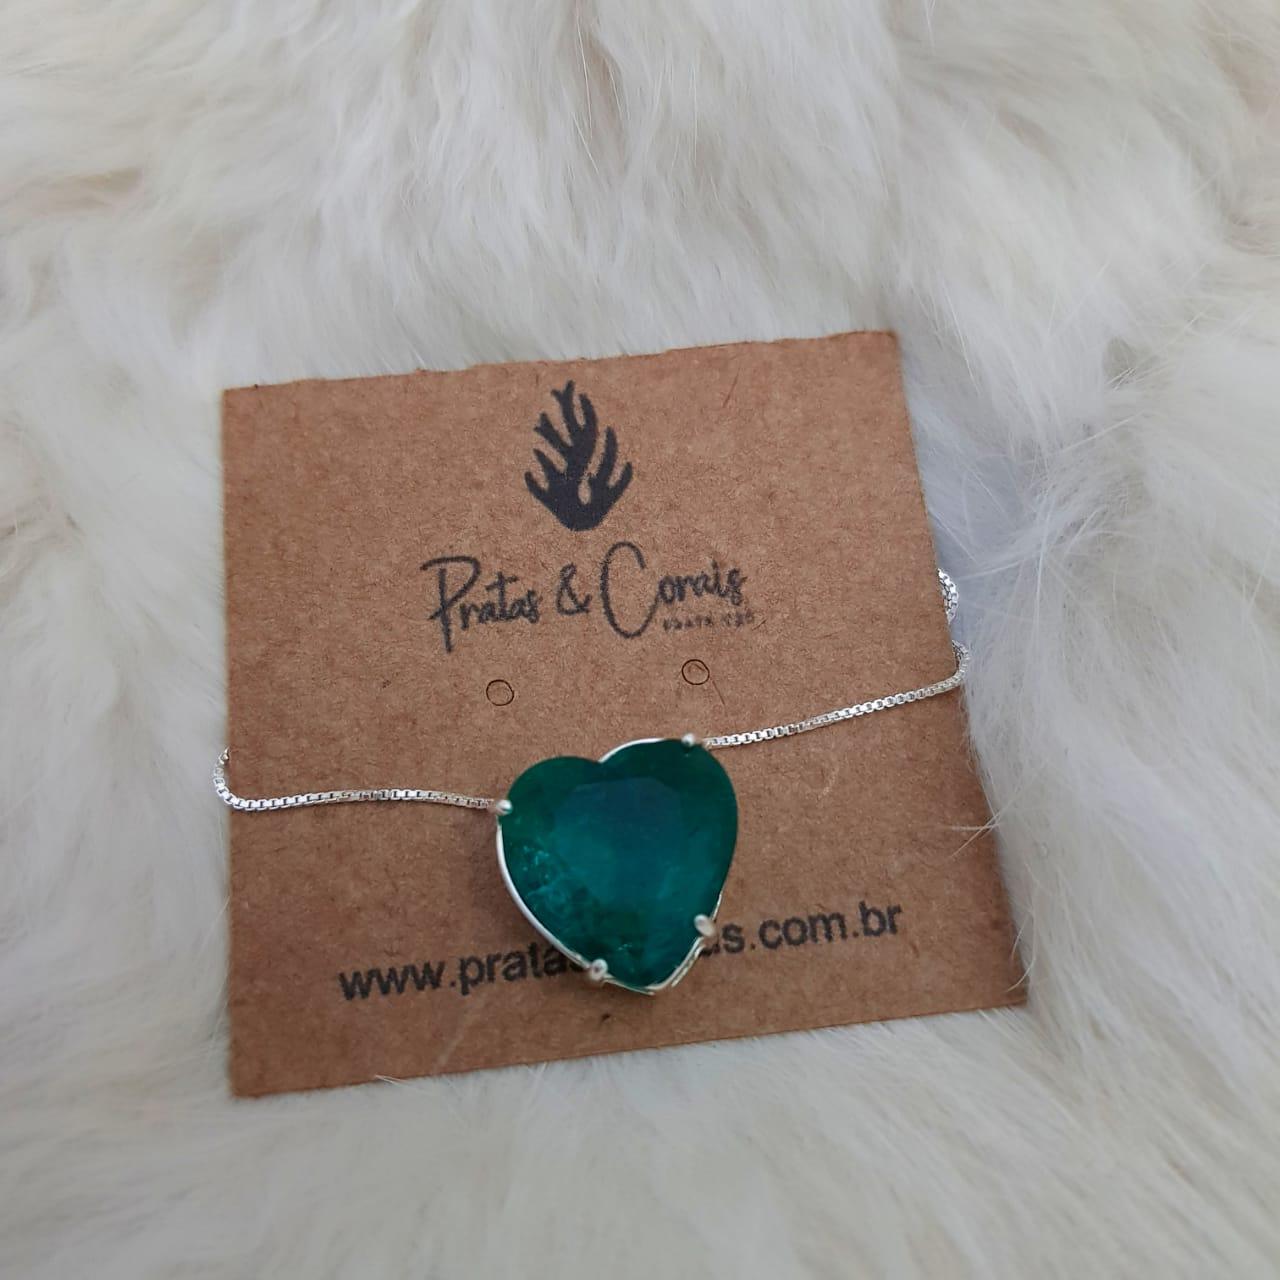 Pingente de Prata Pedra Zircônia Coração - Cores Diversas